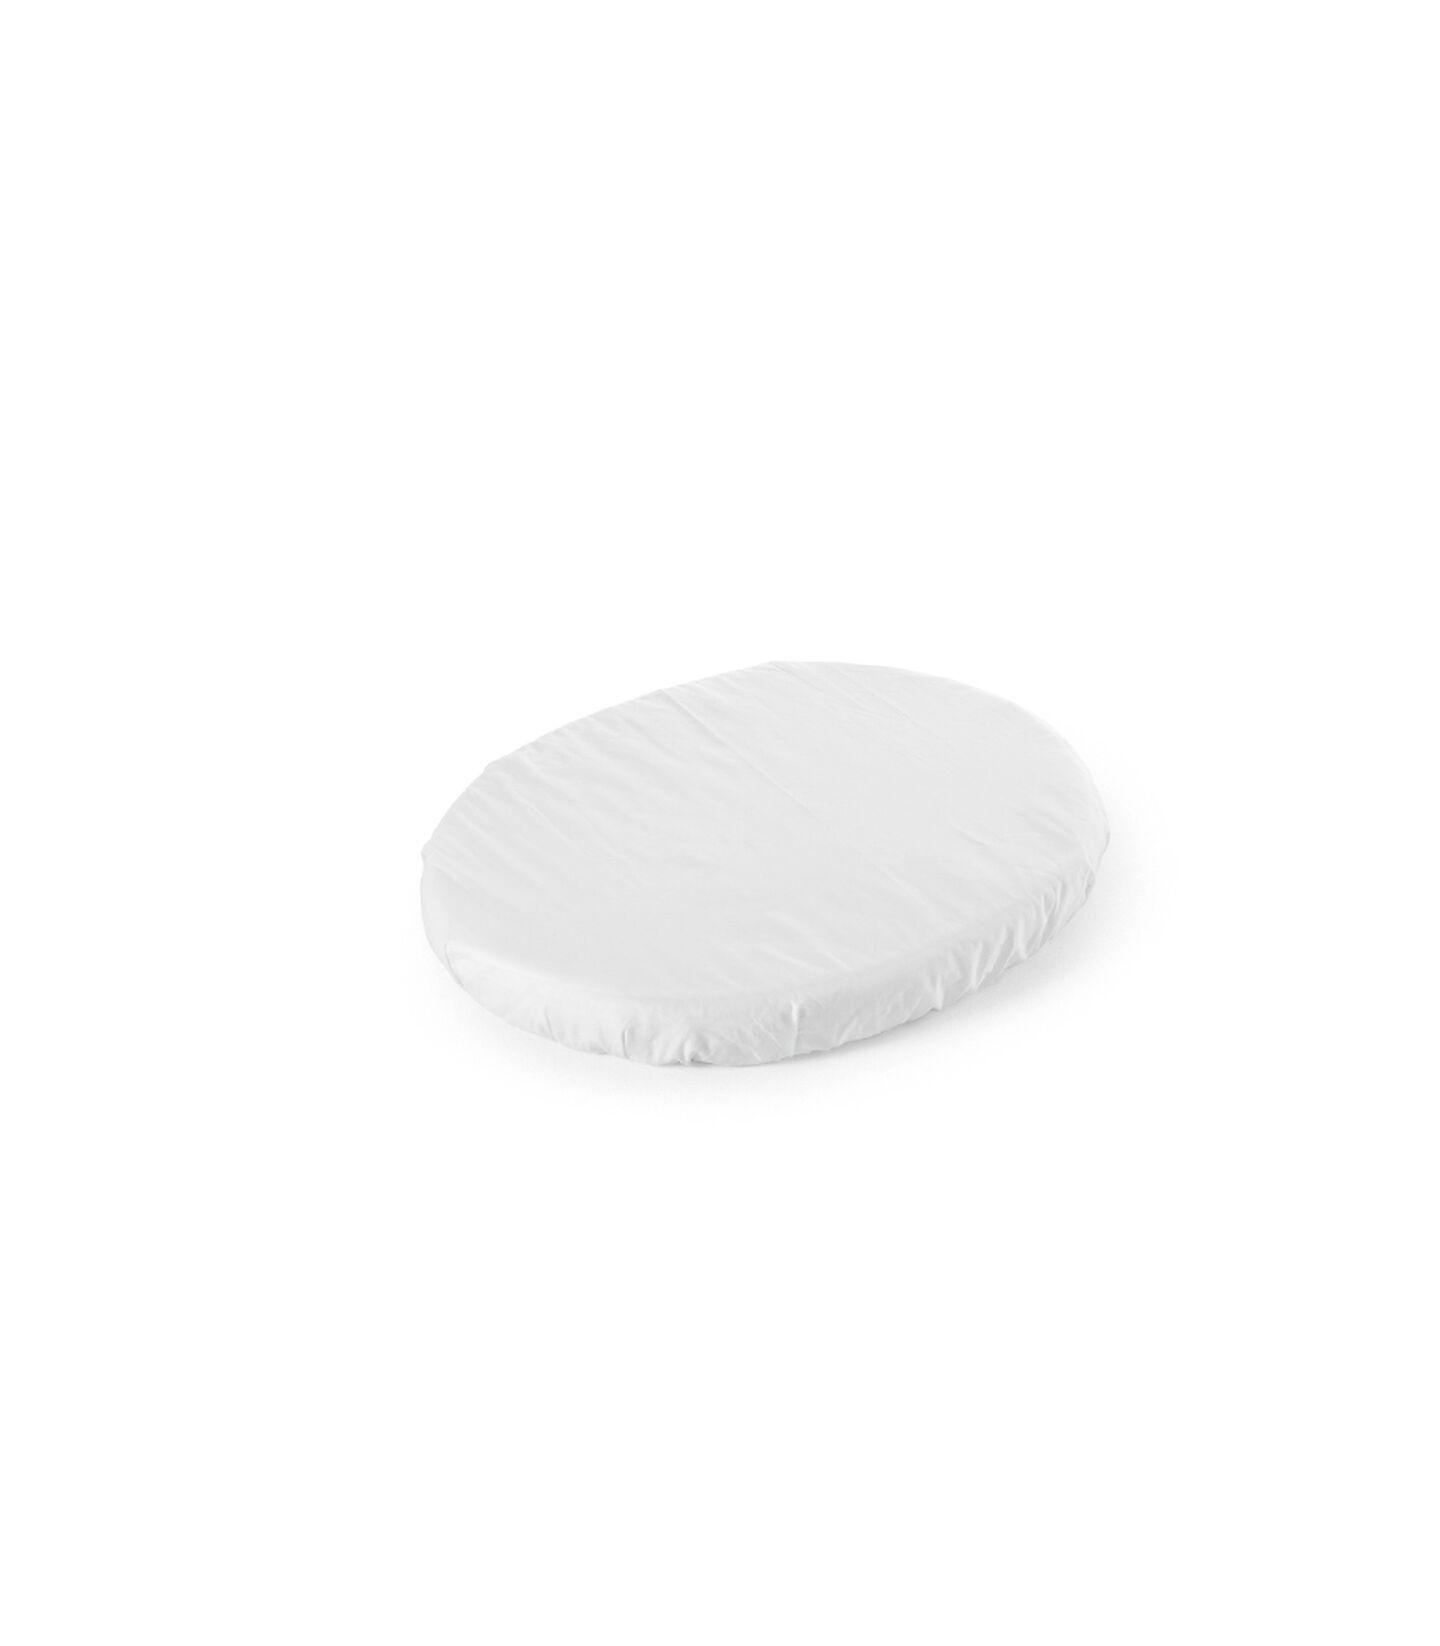 Stokke® Sleepi™ Mini Formsydd Laken White, White, mainview view 2